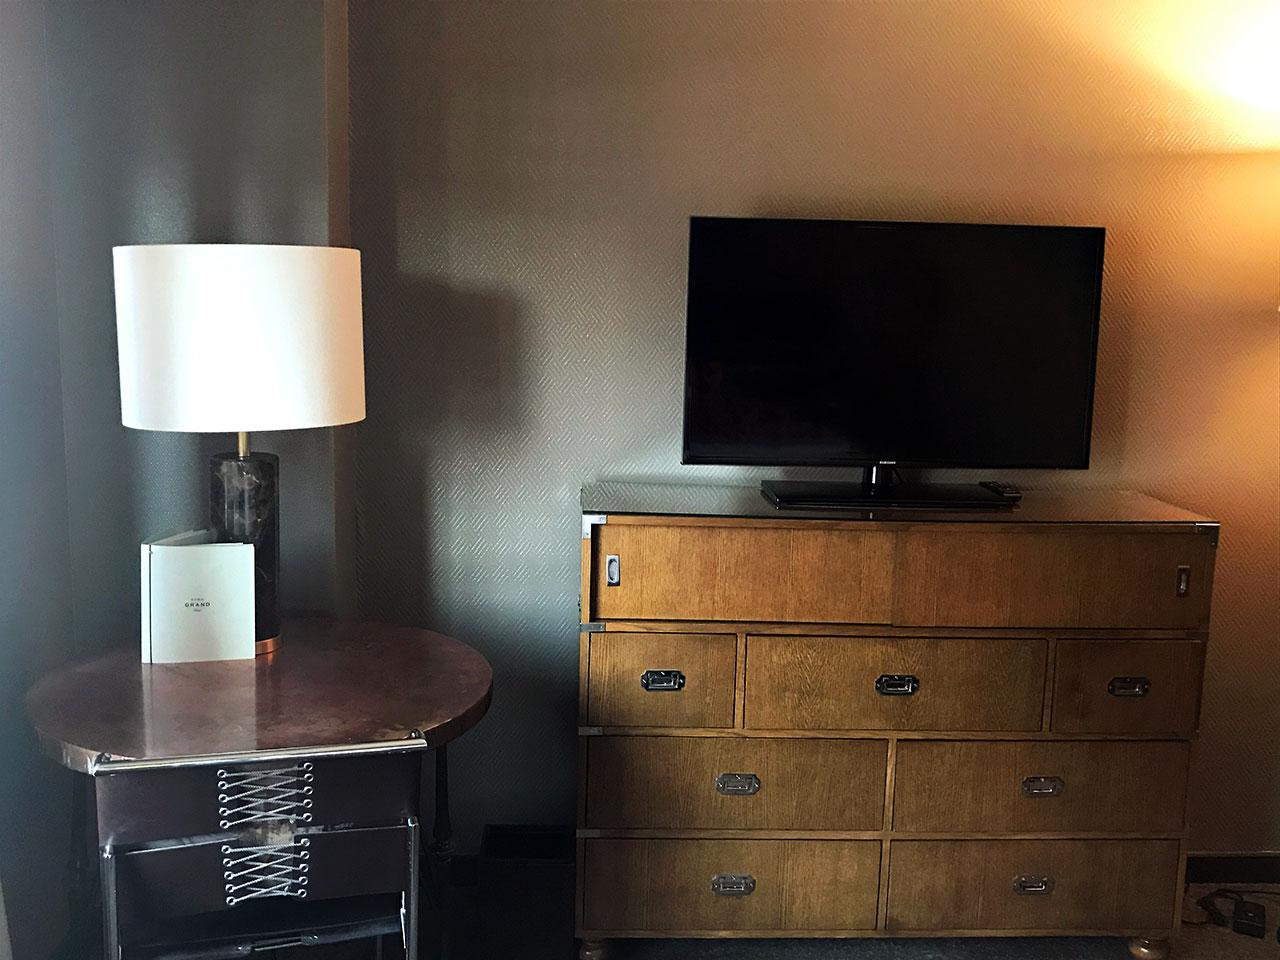 Soho Grand Hotel Room 2